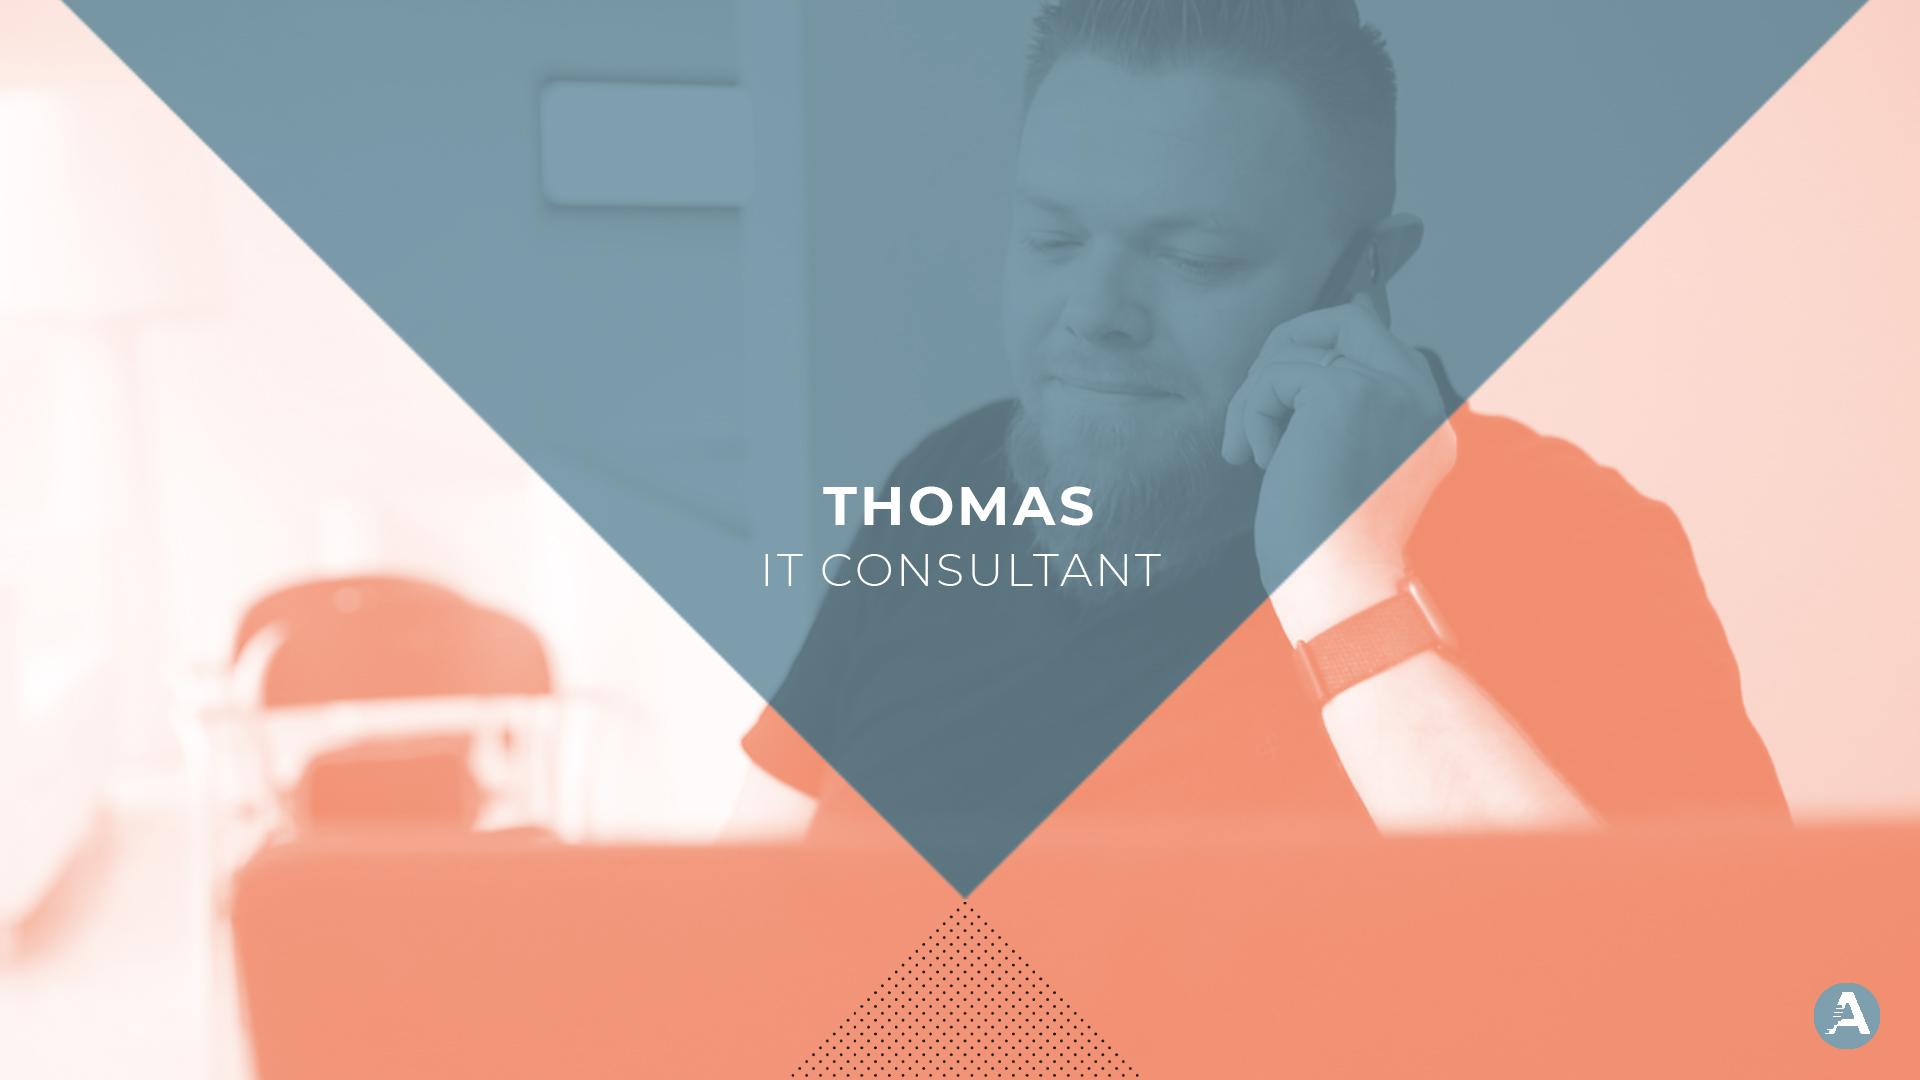 Video: Last van storingen? Niet als Thomas in de buurt is!